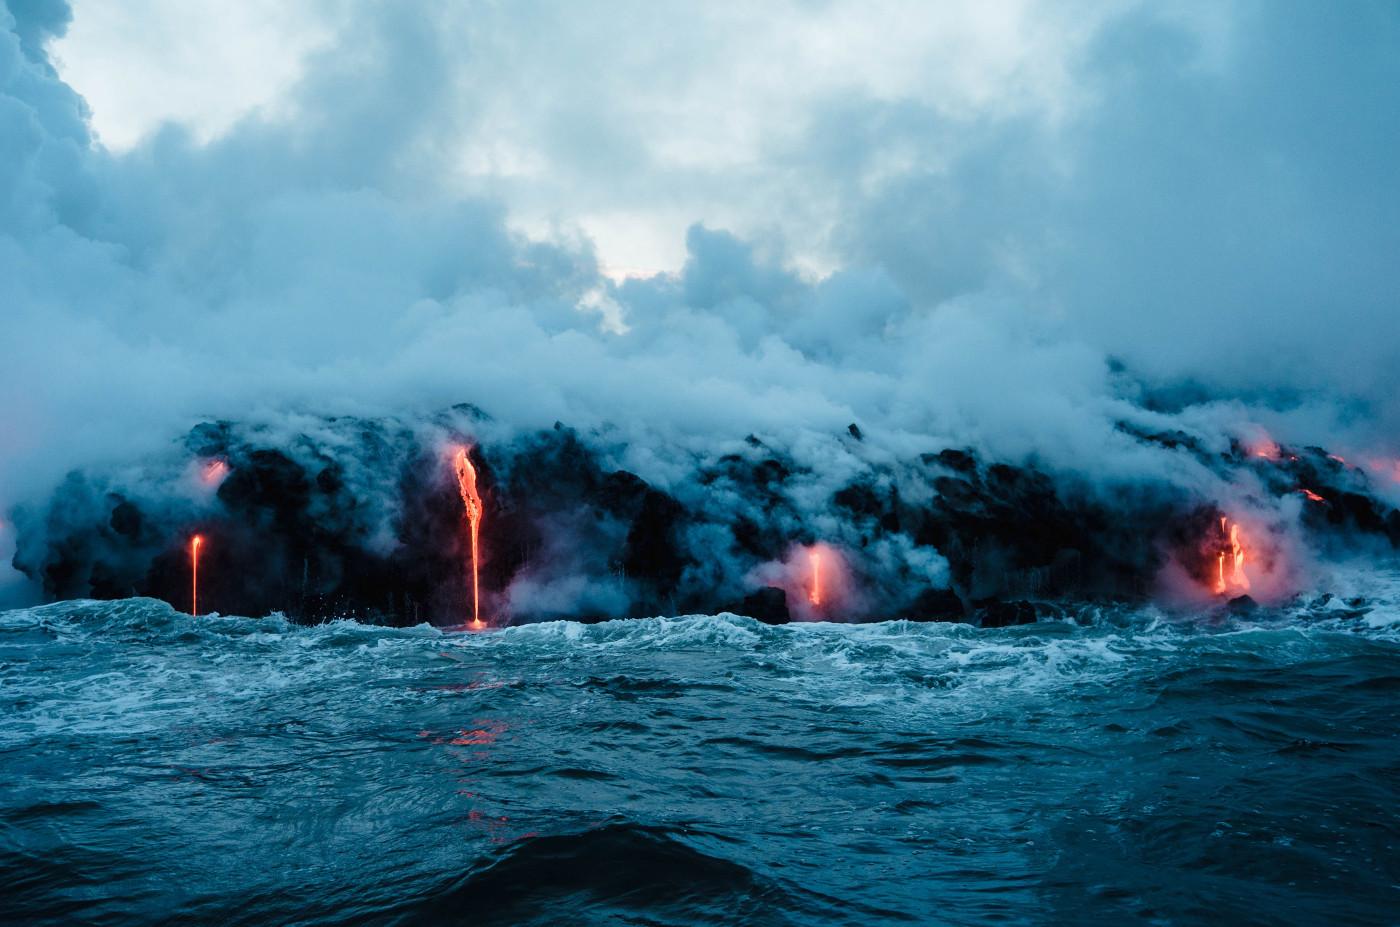 Beziehung, Liebe und Wut - Ein Lavastrom, der sich in das Meer ergießt.